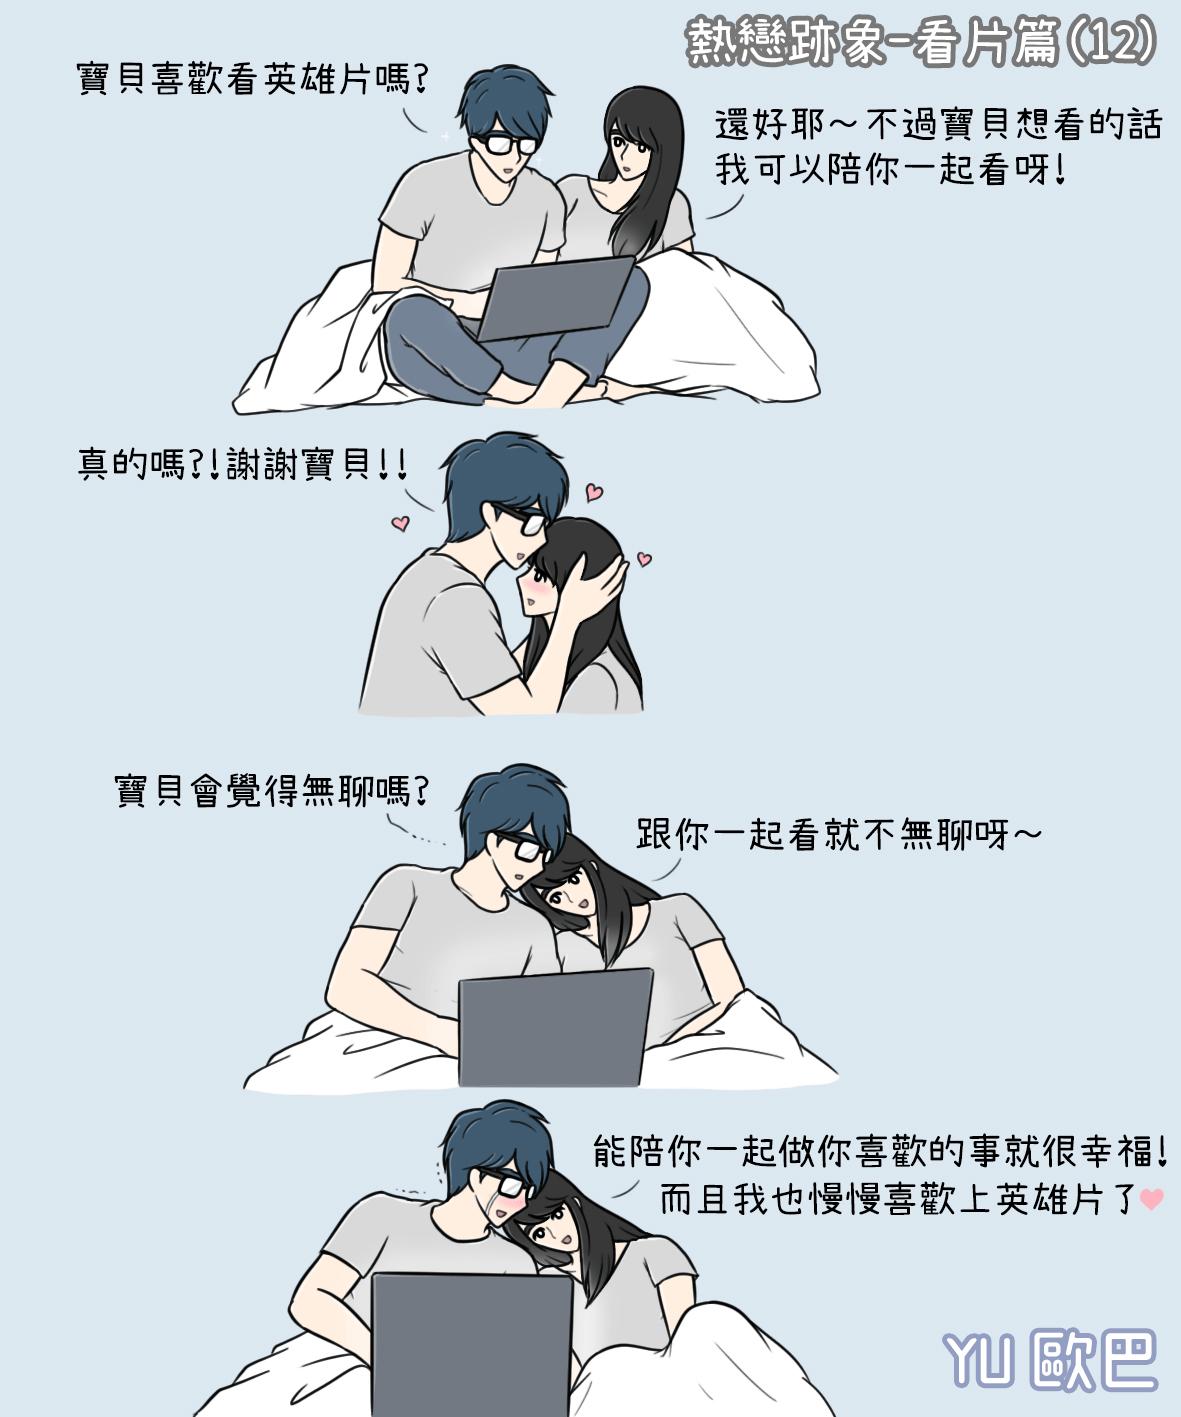 279熱戀跡象-看片篇(12)中